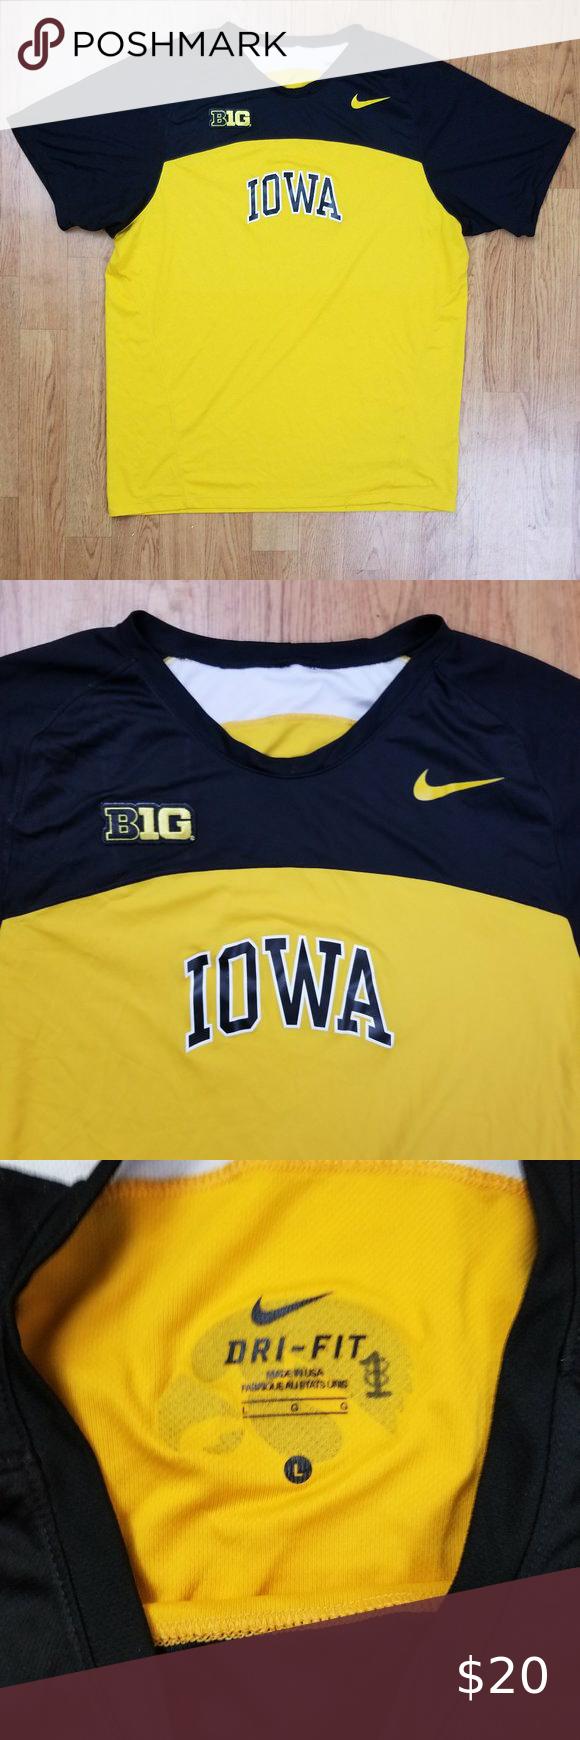 Iowa Hawkeyes Big 10 Nike Dri Fit Top Shirt Jersey Workout Tops Long Sleeve Tshirt Men Nike Shirts [ 1740 x 580 Pixel ]